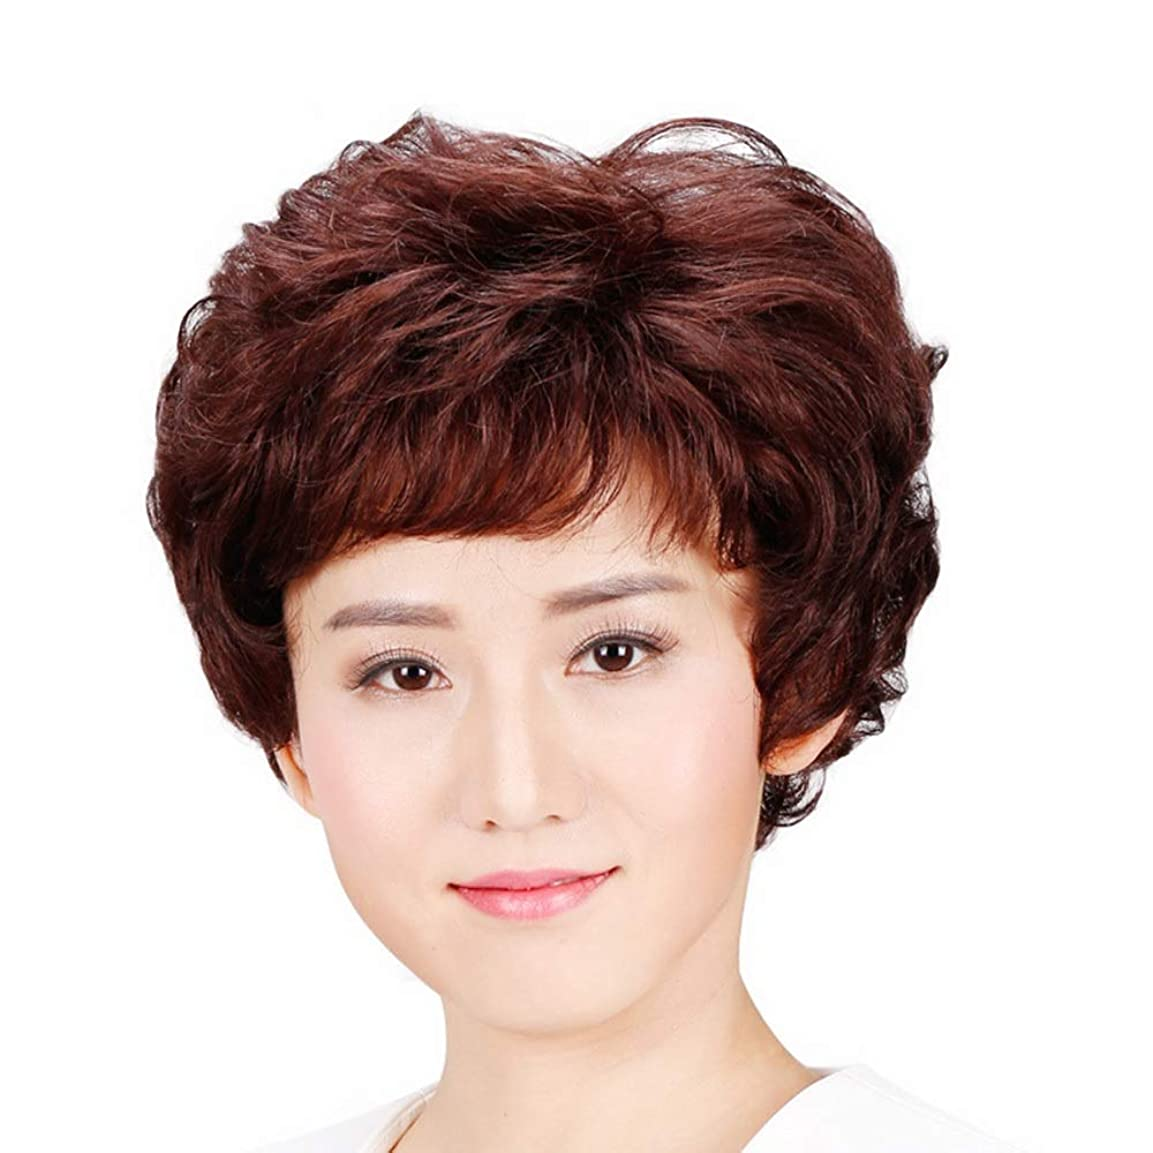 笑呼び起こすソーシャルBOBIDYEE 女性のための自然な人間の髪の毛の短いストレートヘア中年のかつら母のギフトパーティーのかつら (色 : Natural black, サイズ : Mechanism)